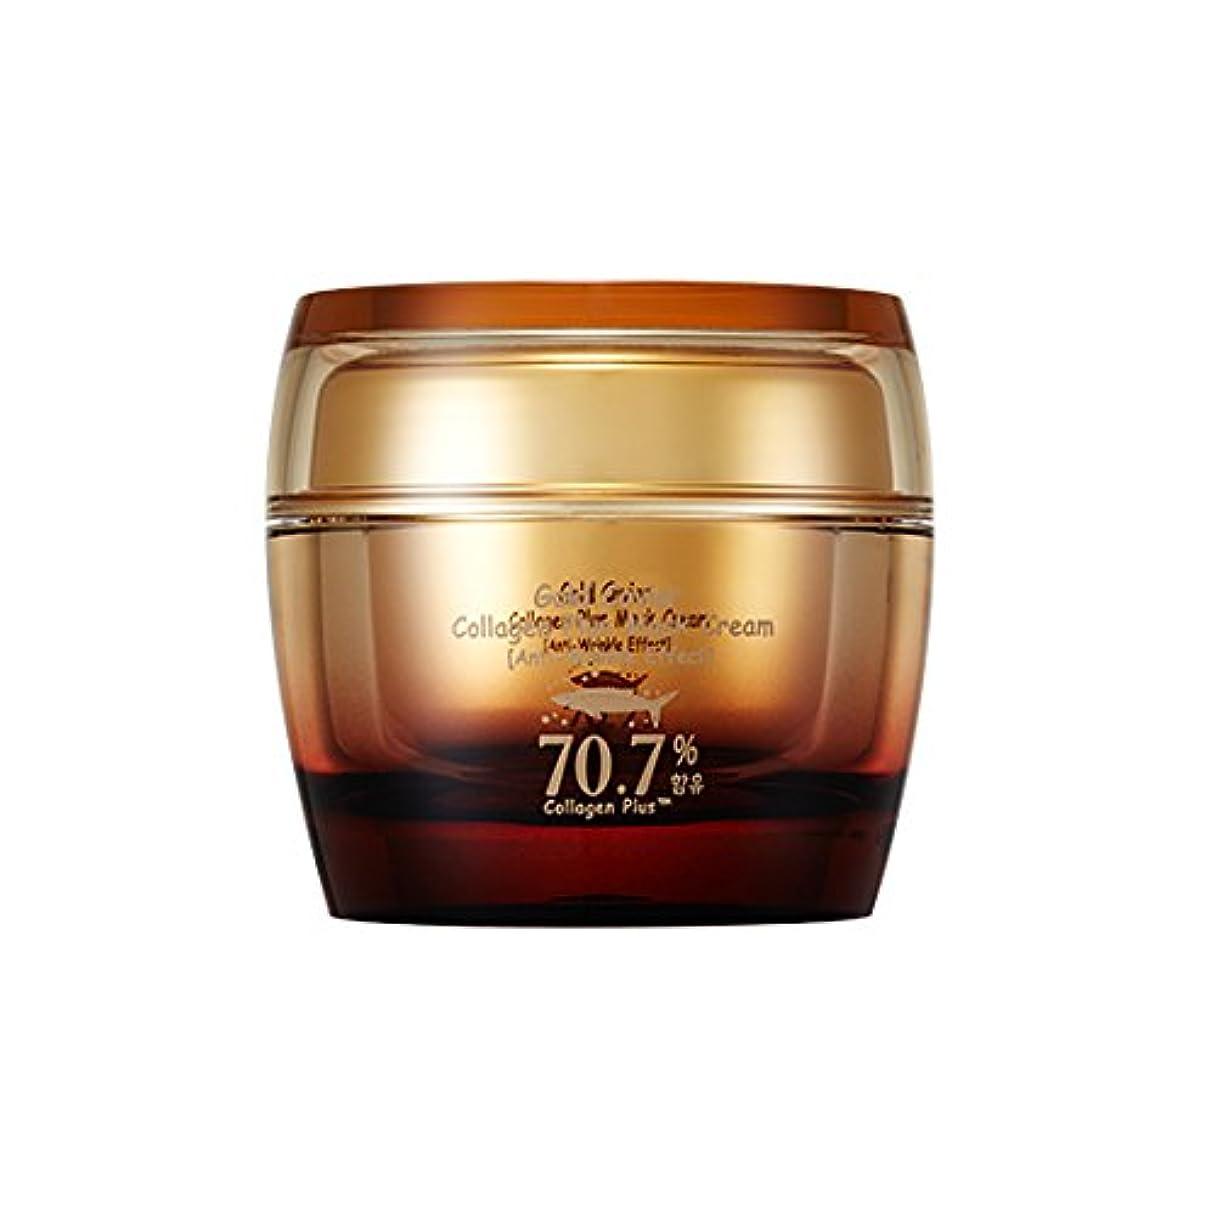 ほこりっぽいイノセンス運命的なSkinfood ゴールドキャビアコラーゲンプラスクリーム(しわ防止効果) / Gold Caviar Collagen Plus Cream (Anti-Wrinkle Effect) 50g [並行輸入品]